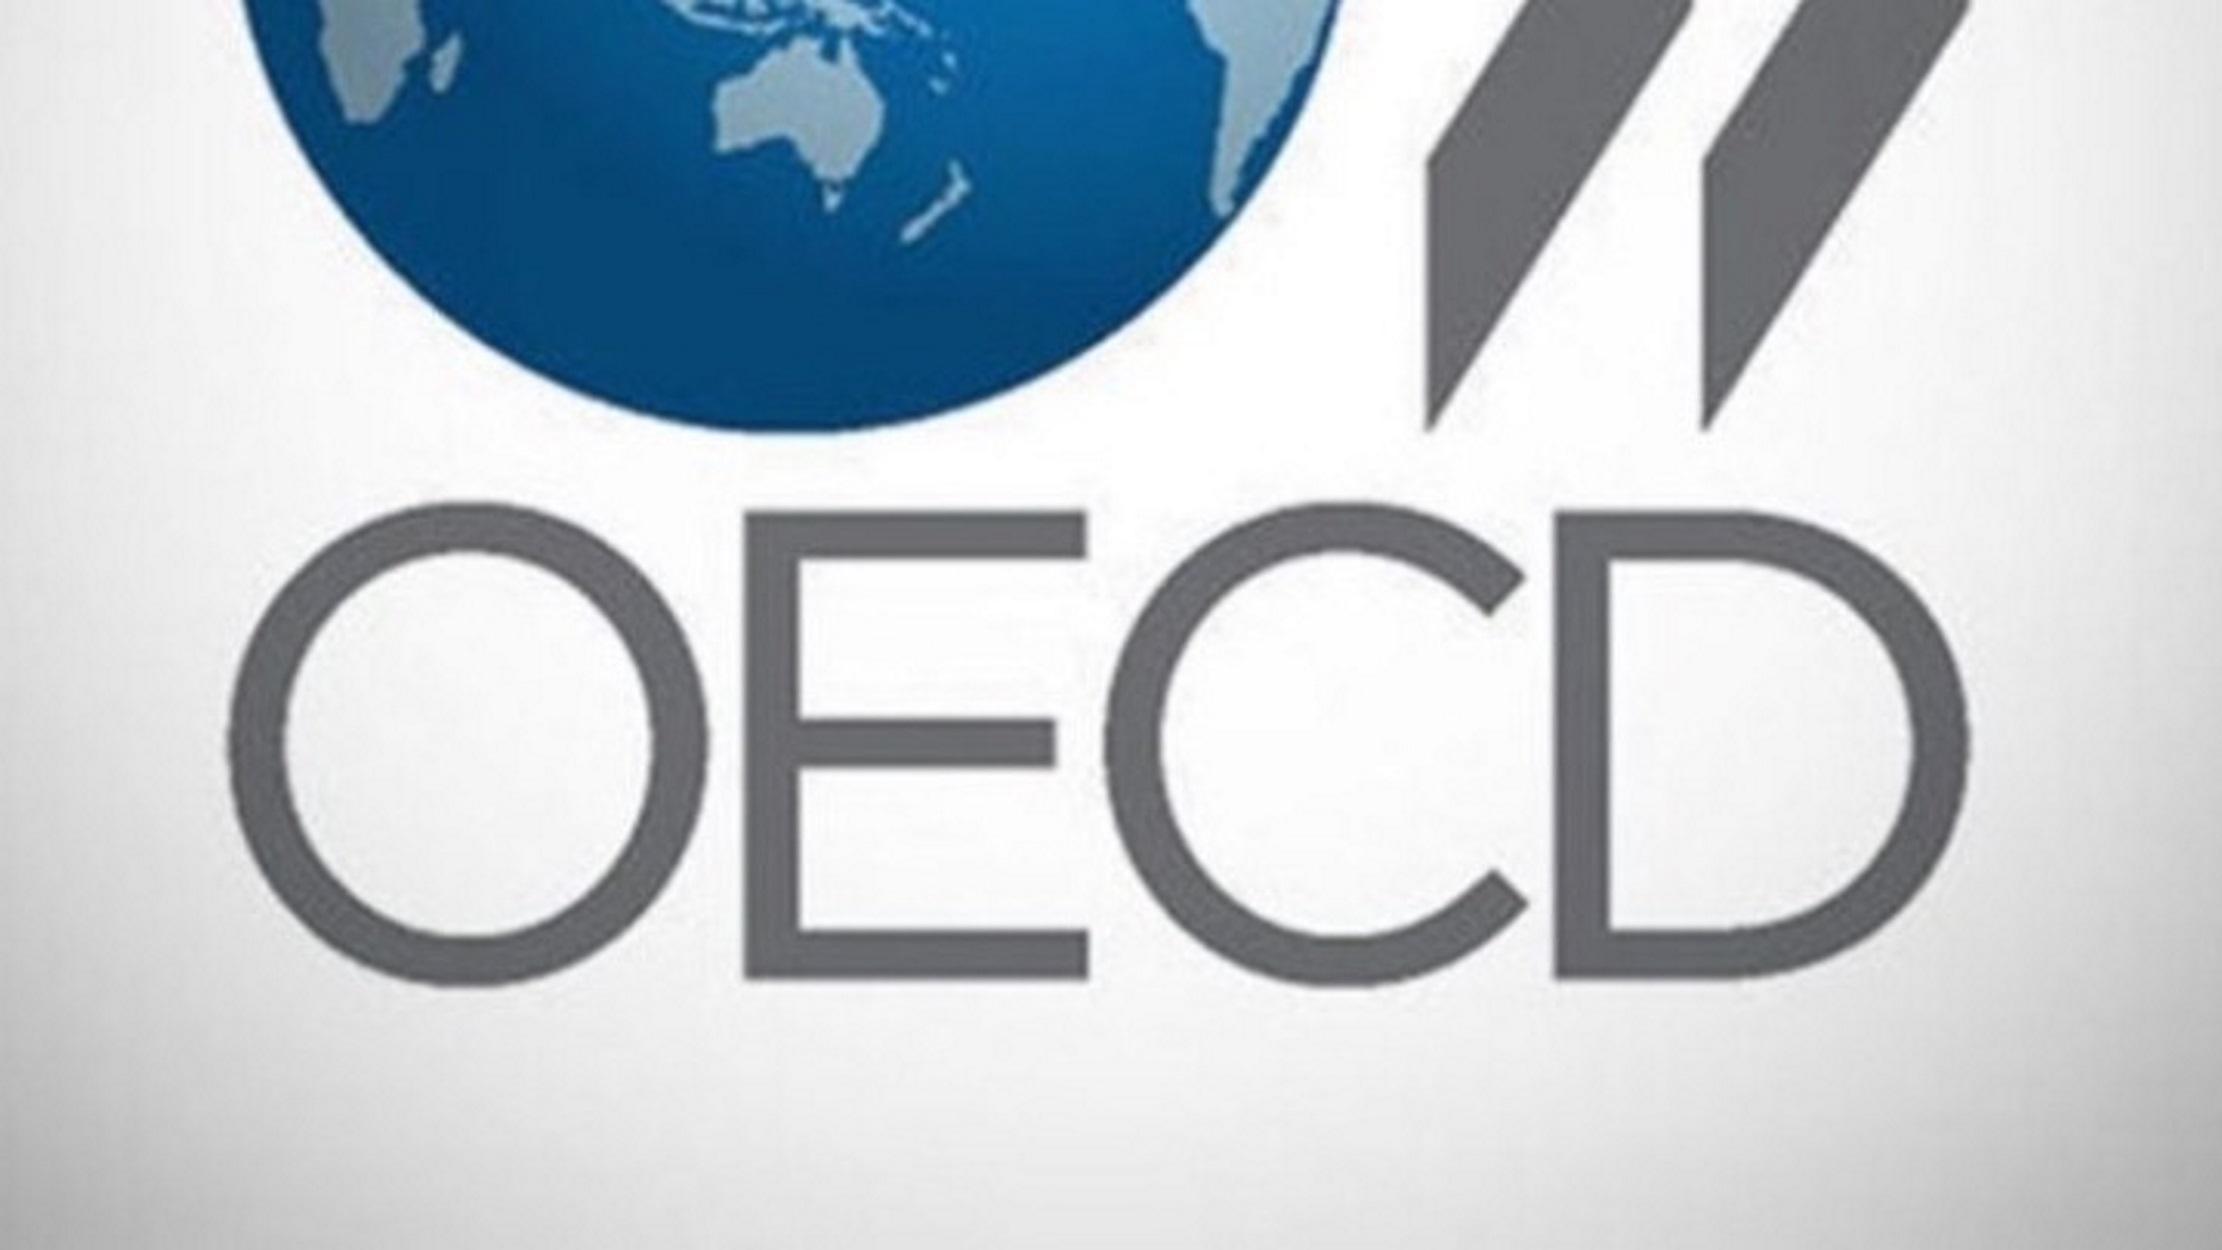 Ανάσα από τον ΟΟΣΑ! Υψηλότερη ανάπτυξη της παγκόσμιας και ευρωπαϊκής οικονομίας το 2021